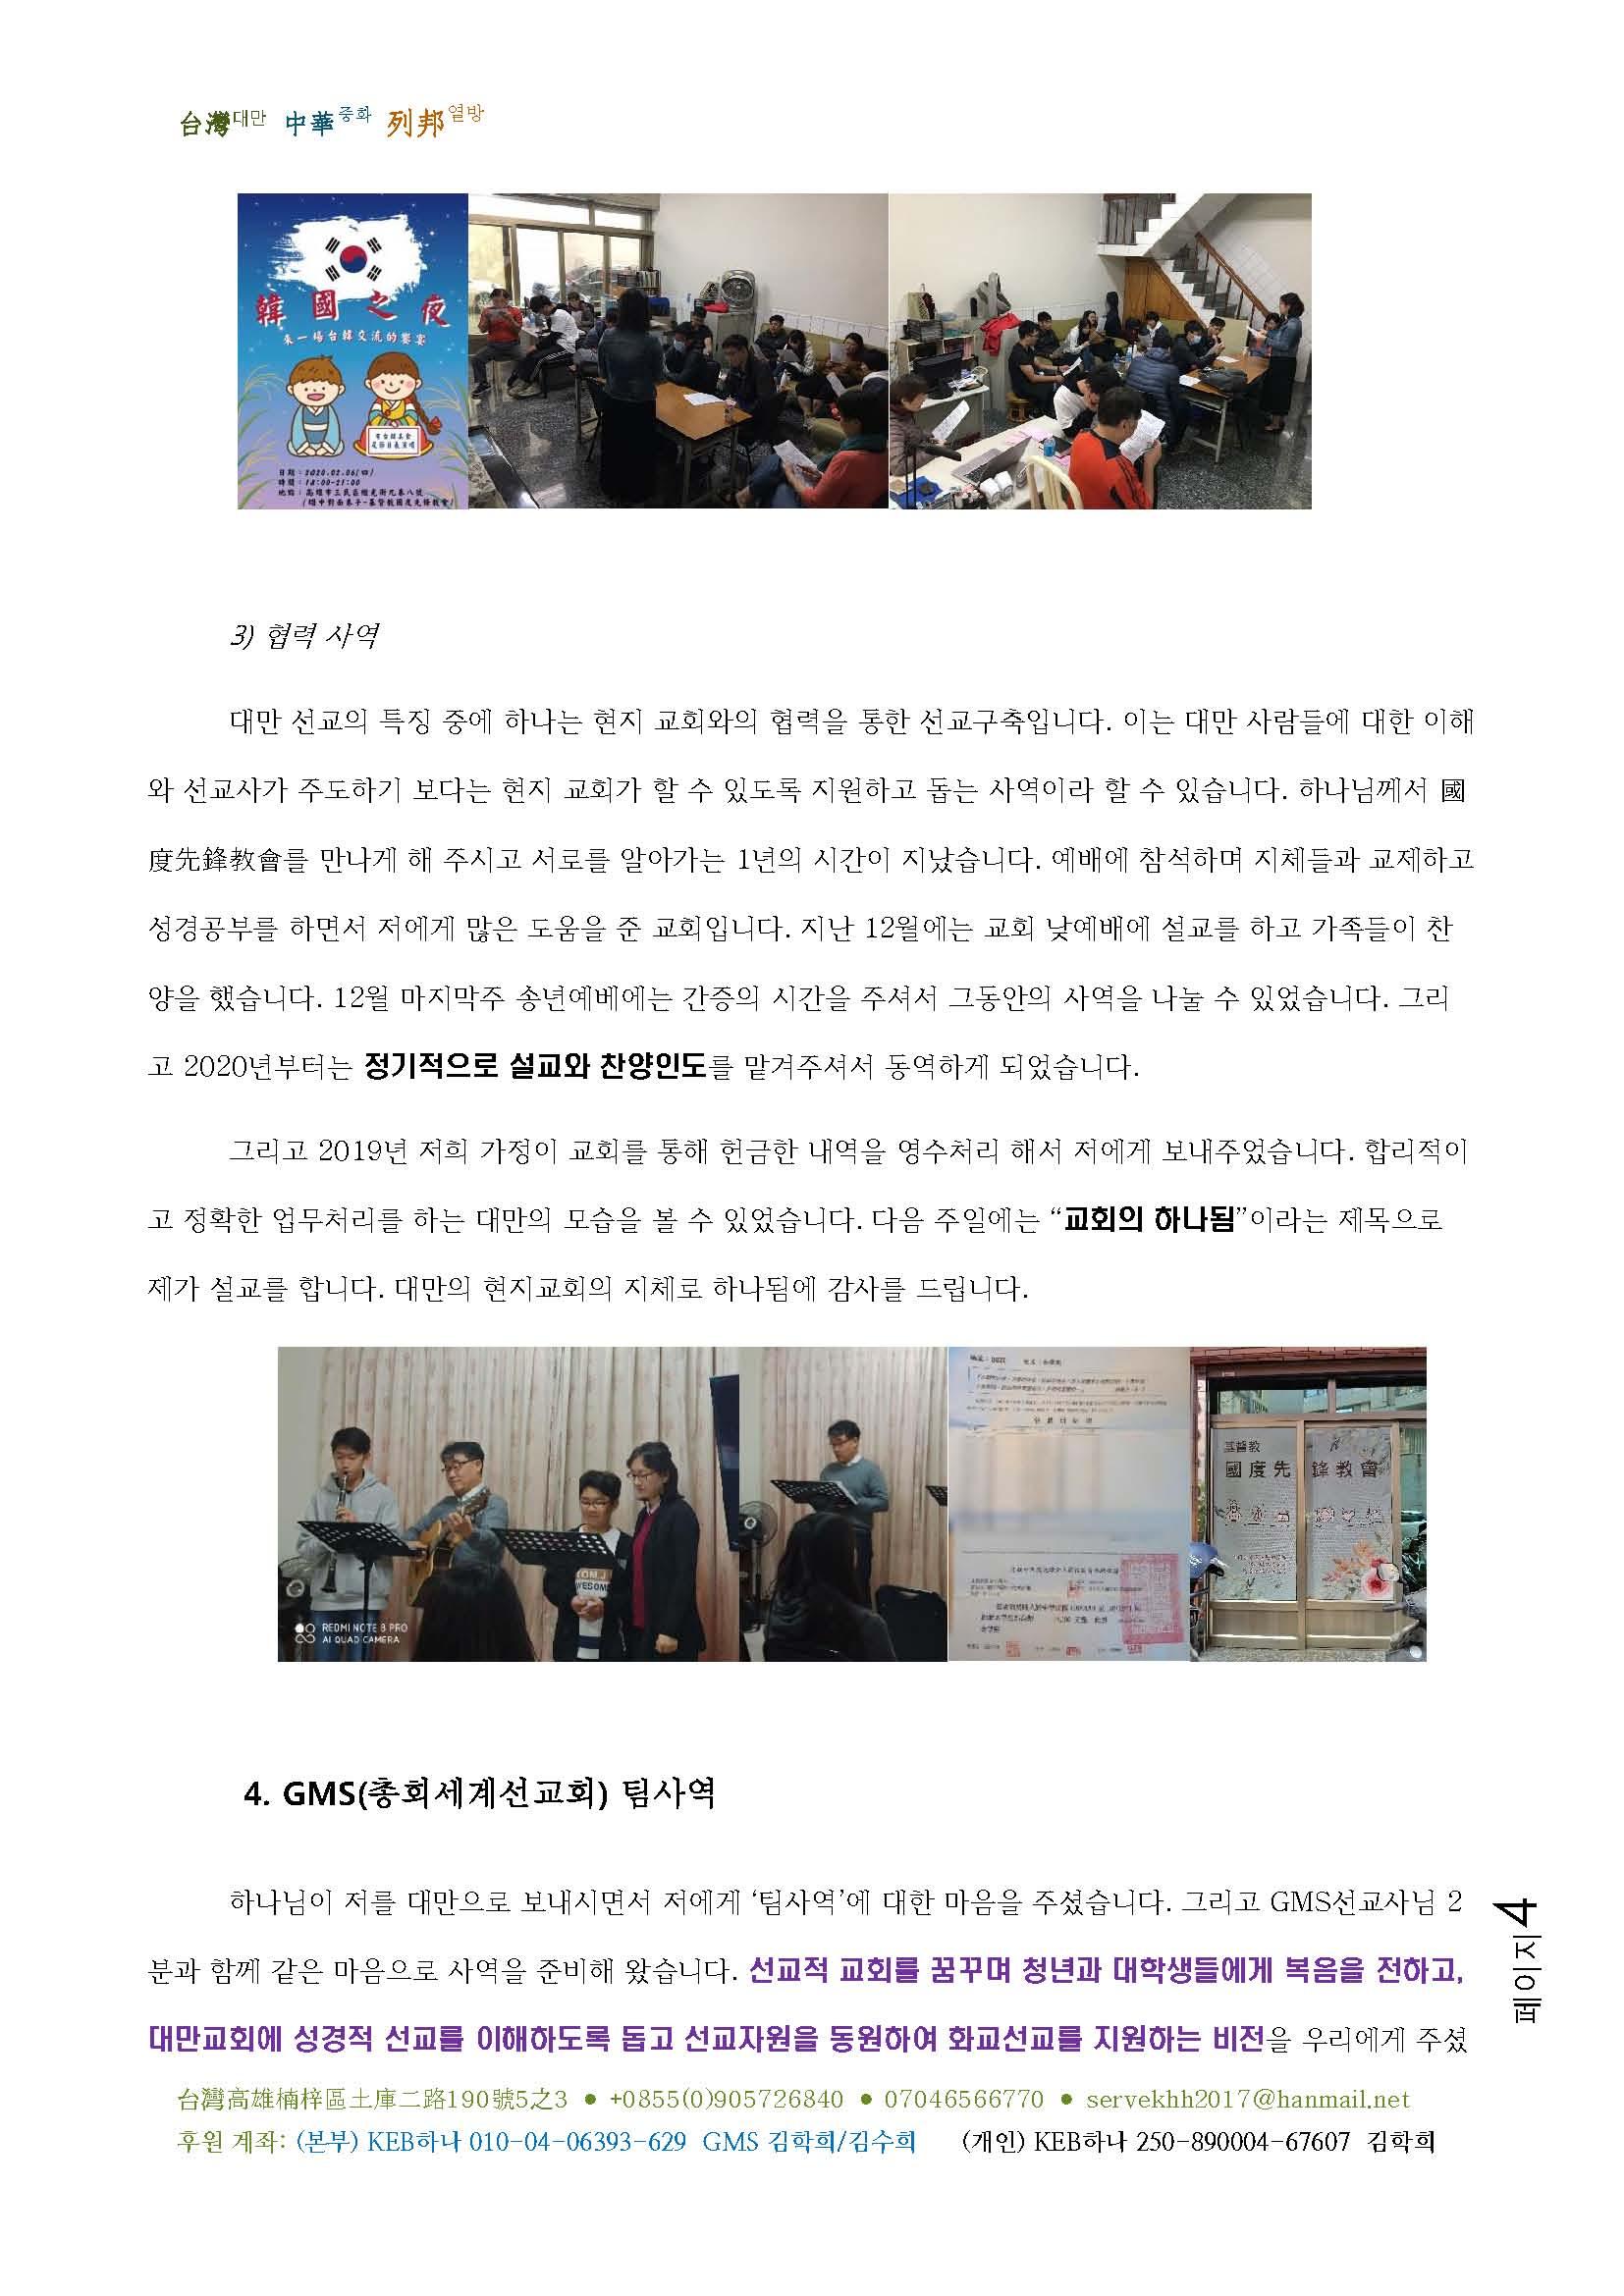 20200226선교기도편지(김학희 선교사)_페이지_4.jpg